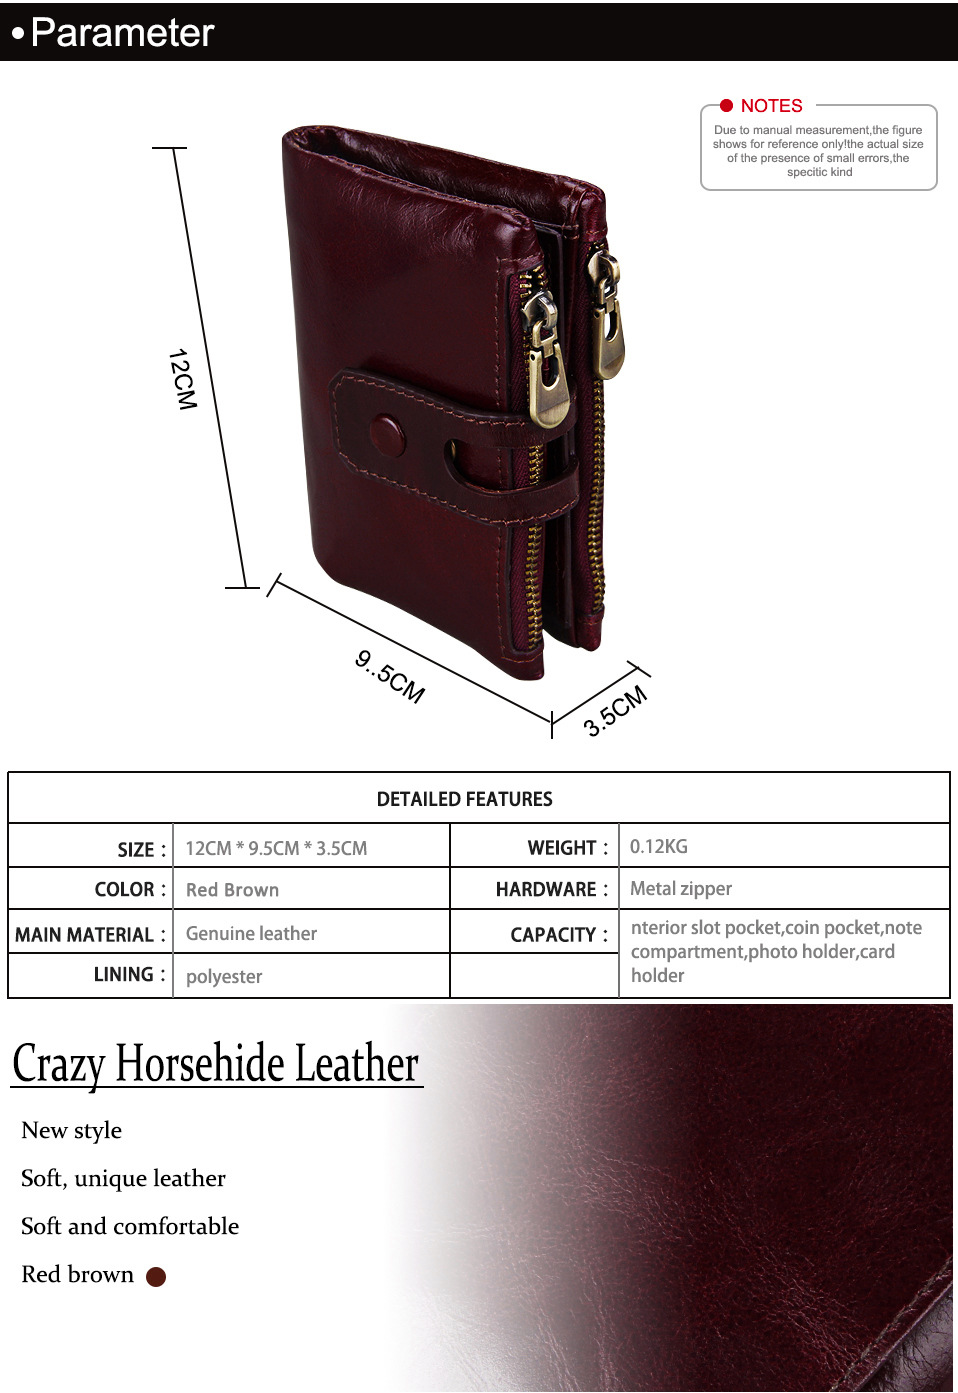 Пол:: Унисекс; портмоне; бумажник женщин; женщины портмоне ;